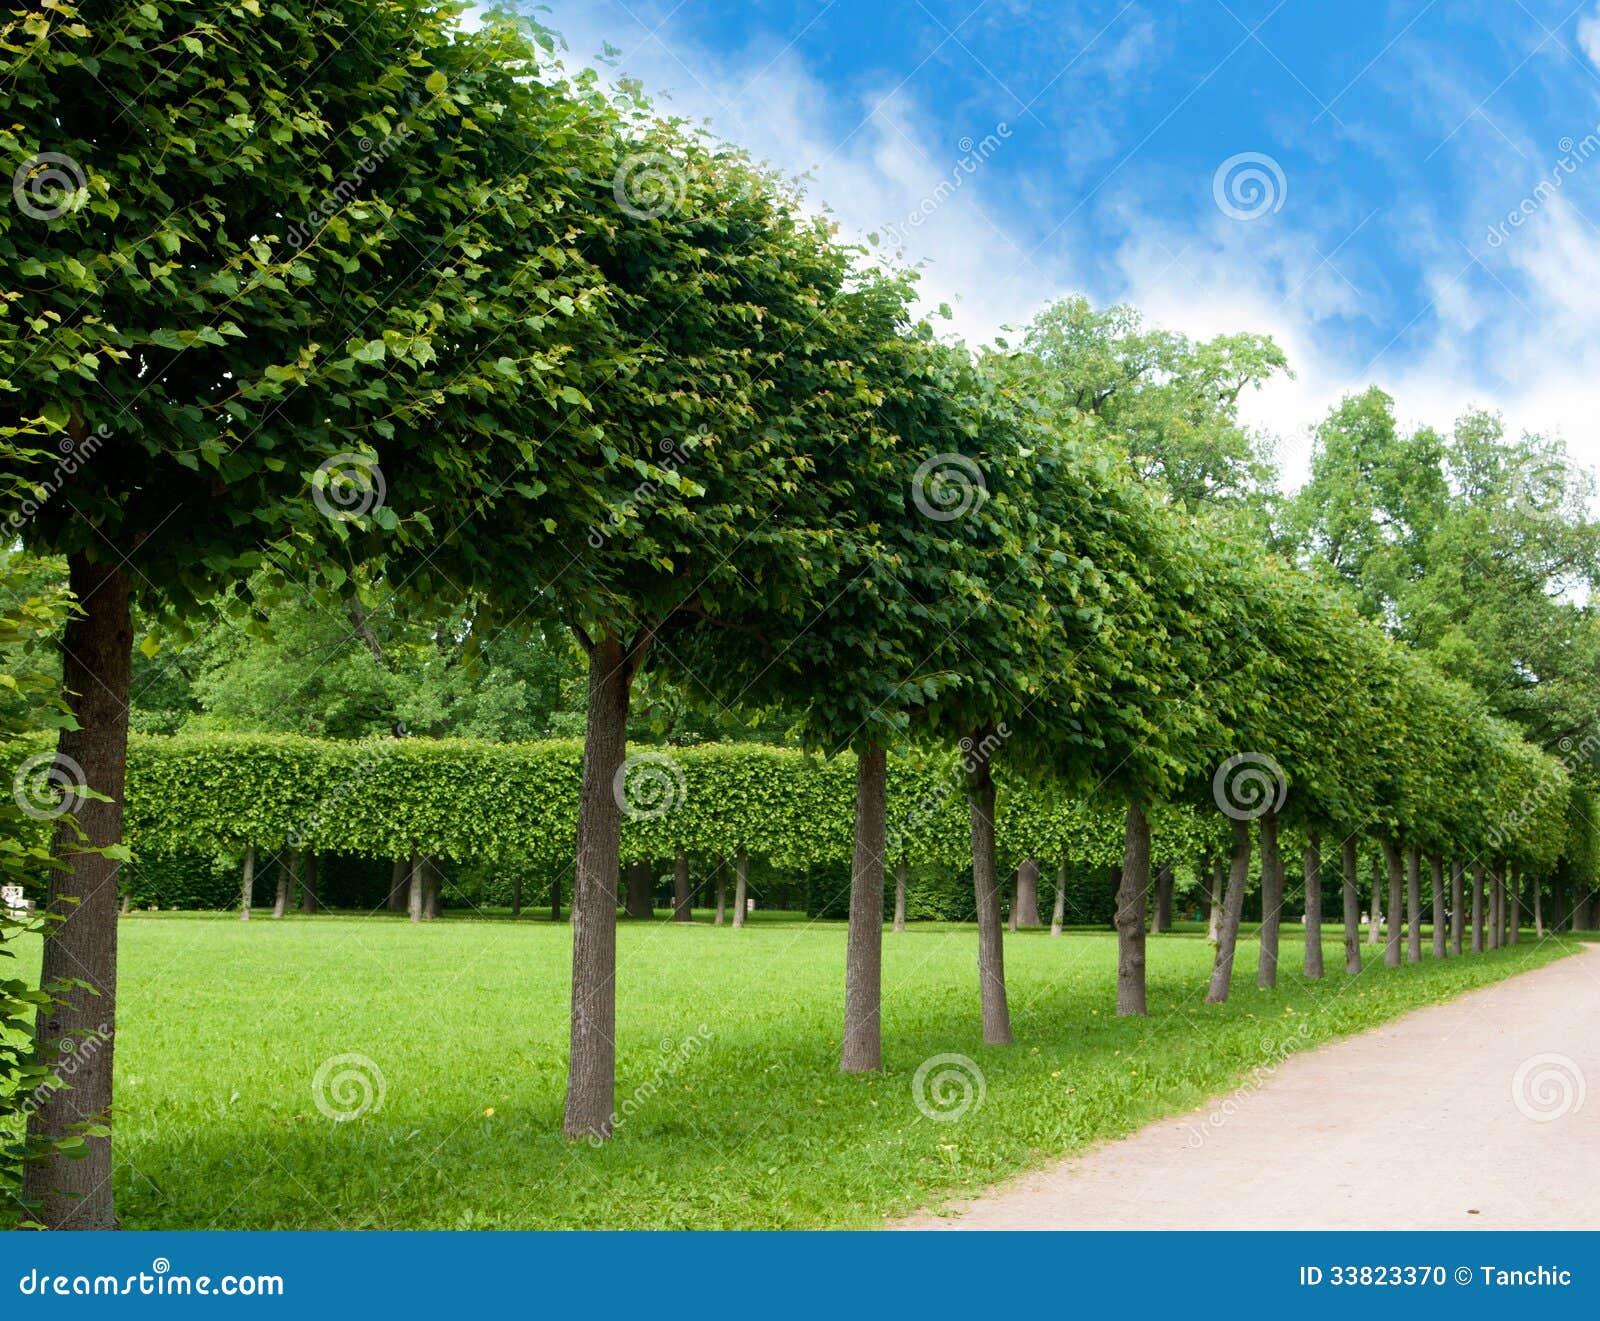 Gränd Av Gröna Träd Klippt Fyrkantig Form Arkivfoto Bild 33823370